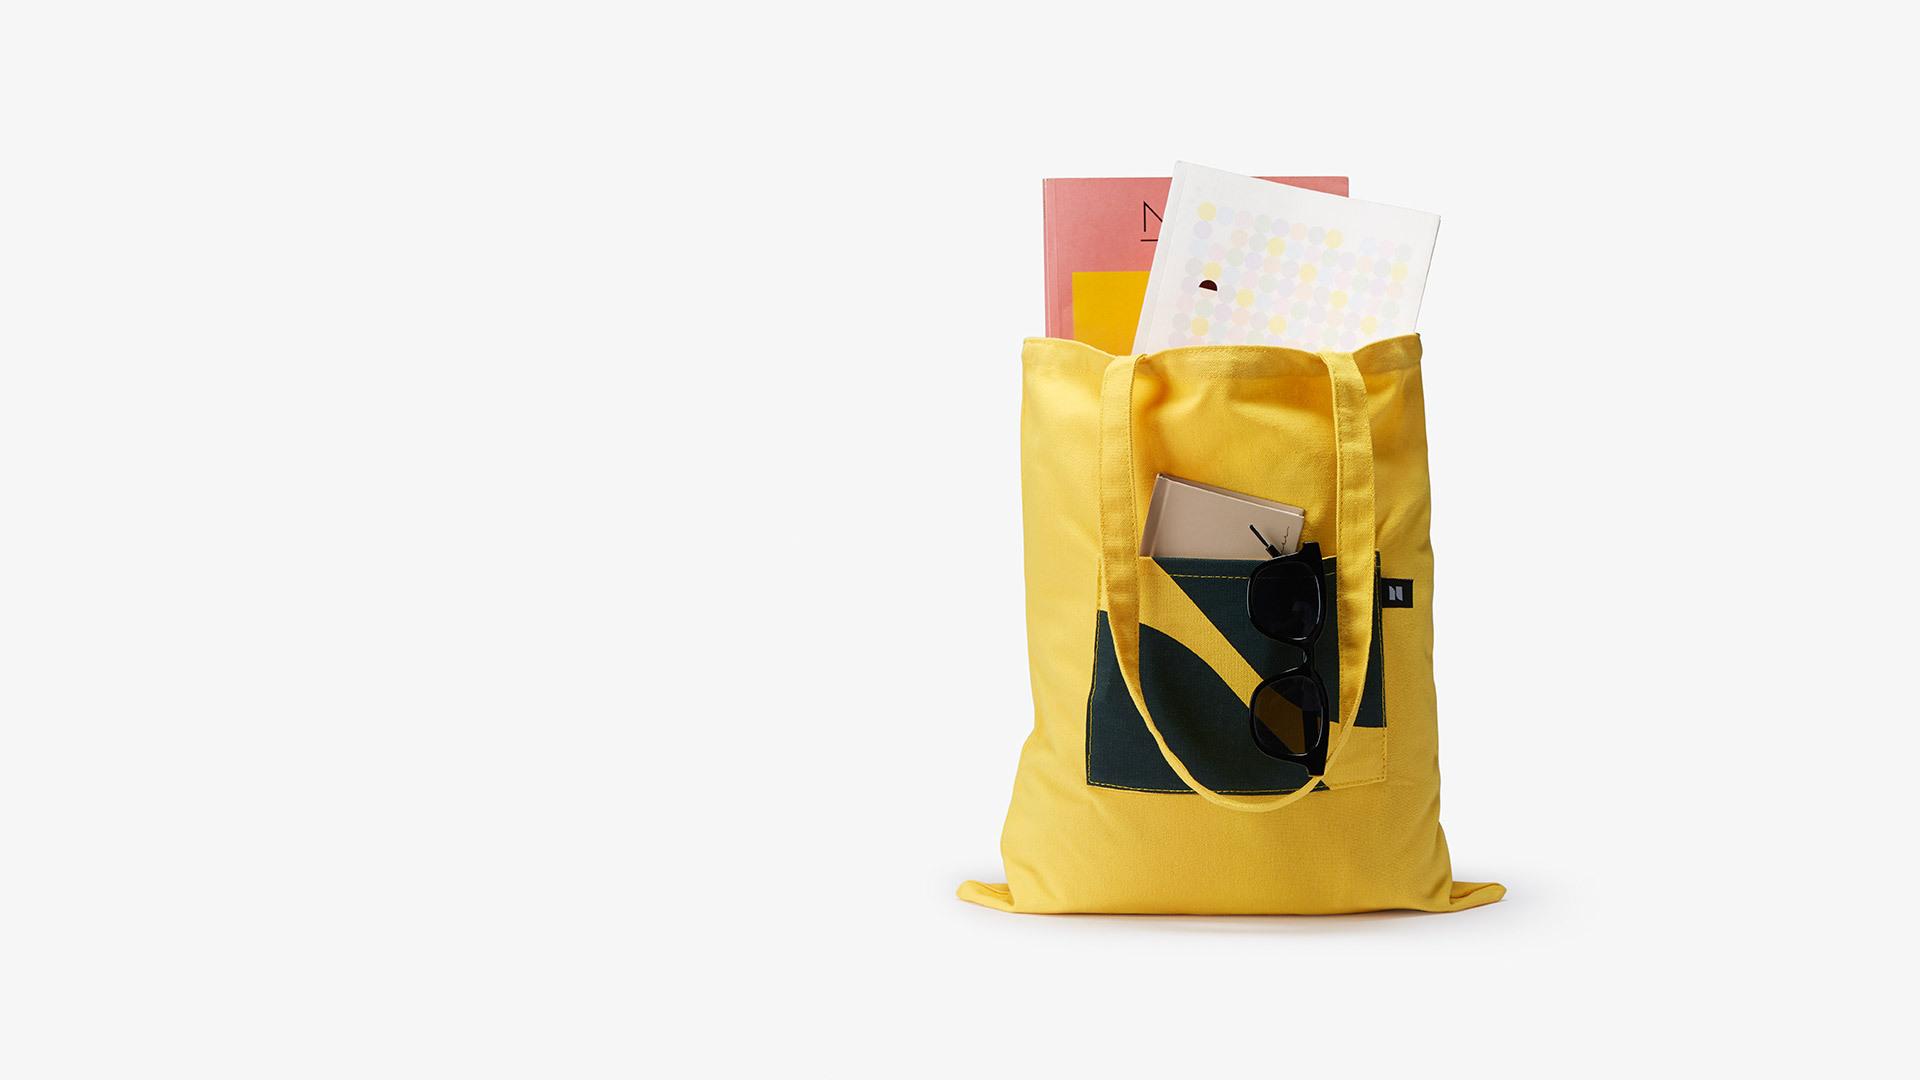 主副两袋大容量<br/>合理区分日常用品